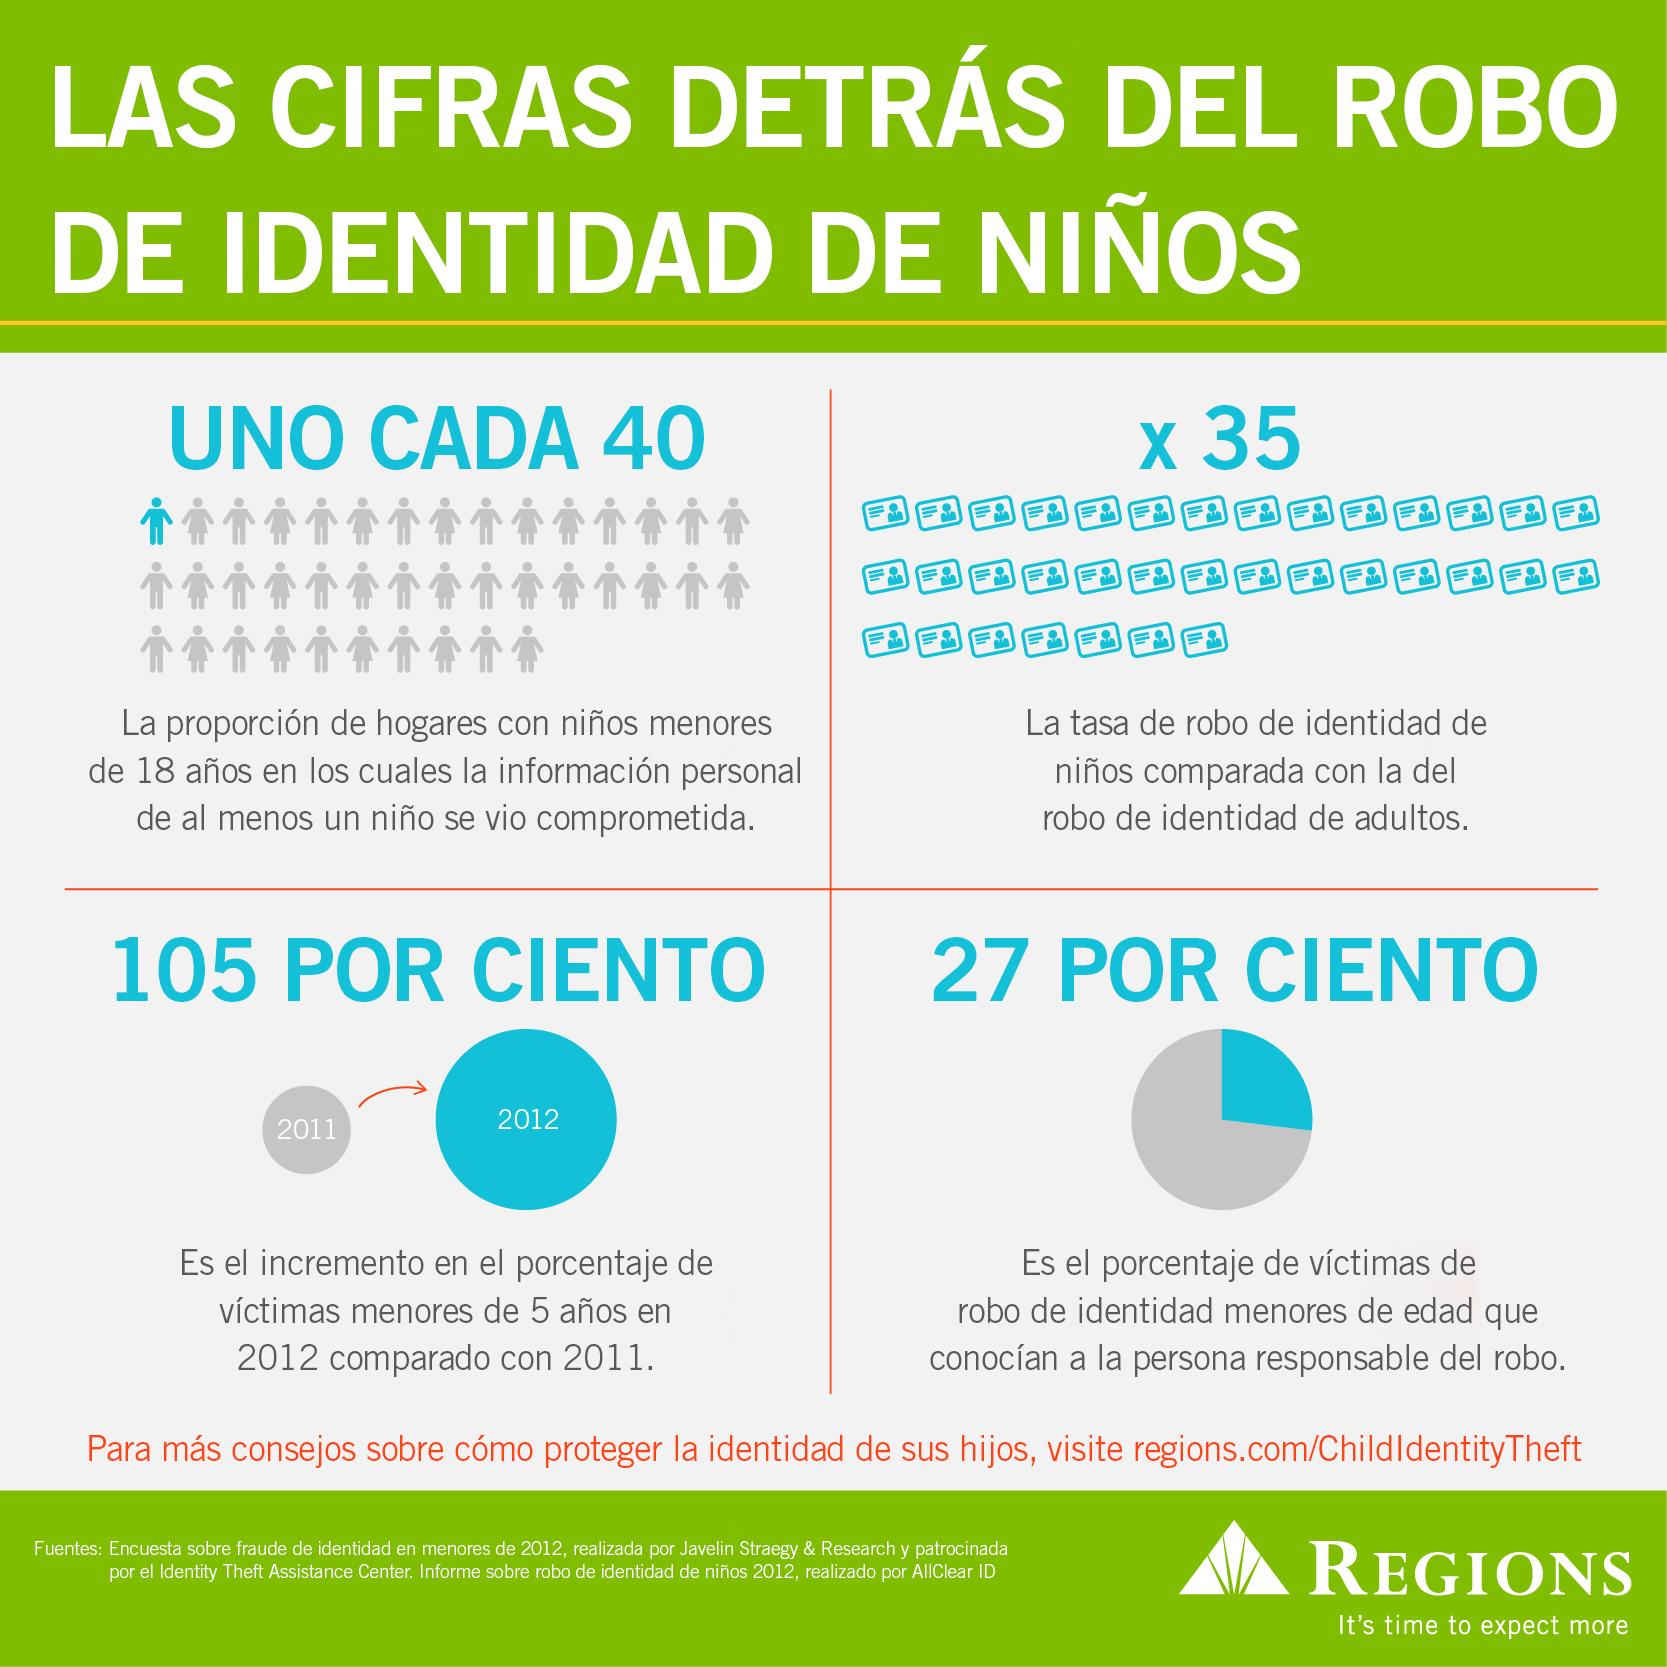 infografía de prevención del robo de identidad de niños